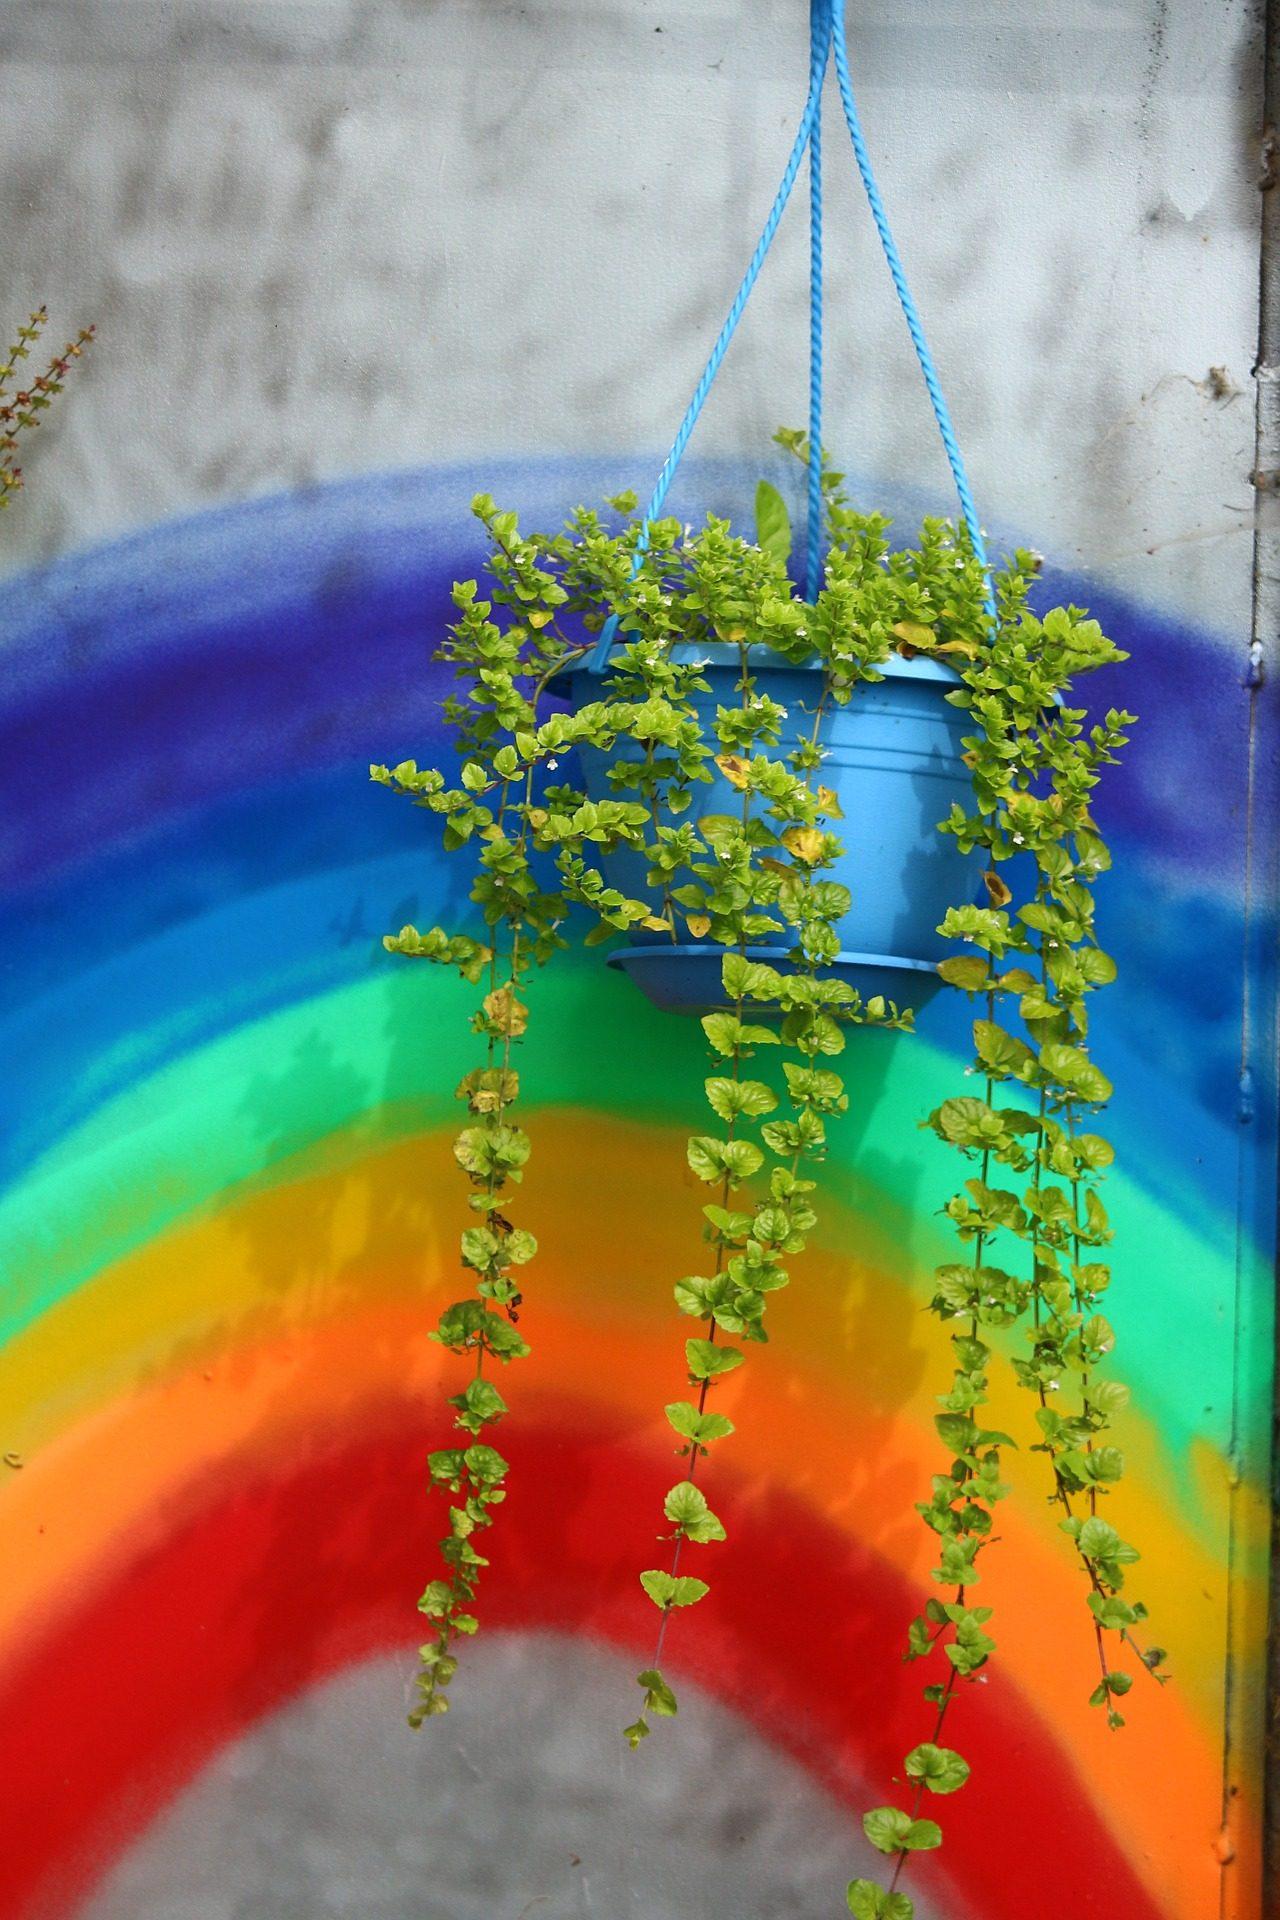 花盆, 地面层, 墙上, 绘画, 彩虹 - 高清壁纸 - 教授-falken.com